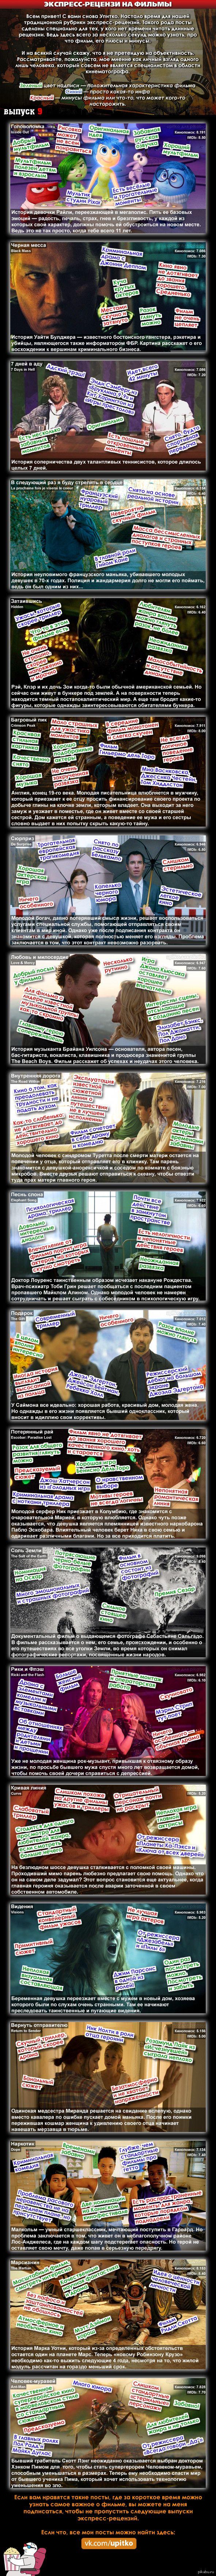 Экспресс-рецензии Фильмы 2014-2015 годов